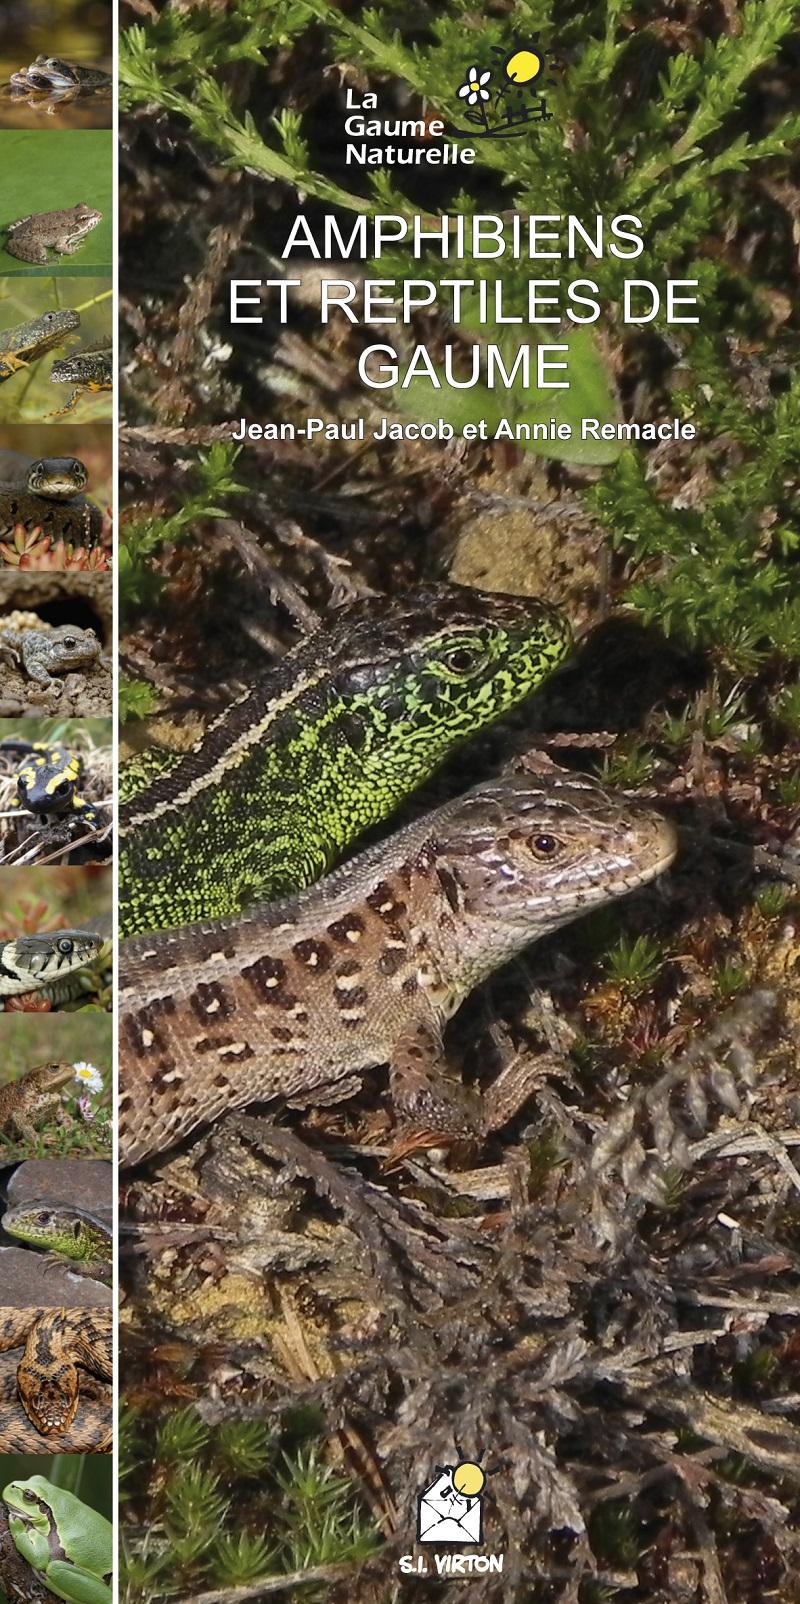 Les amphibiens et reptiles de Gaume, un livre, une expositionà Virton